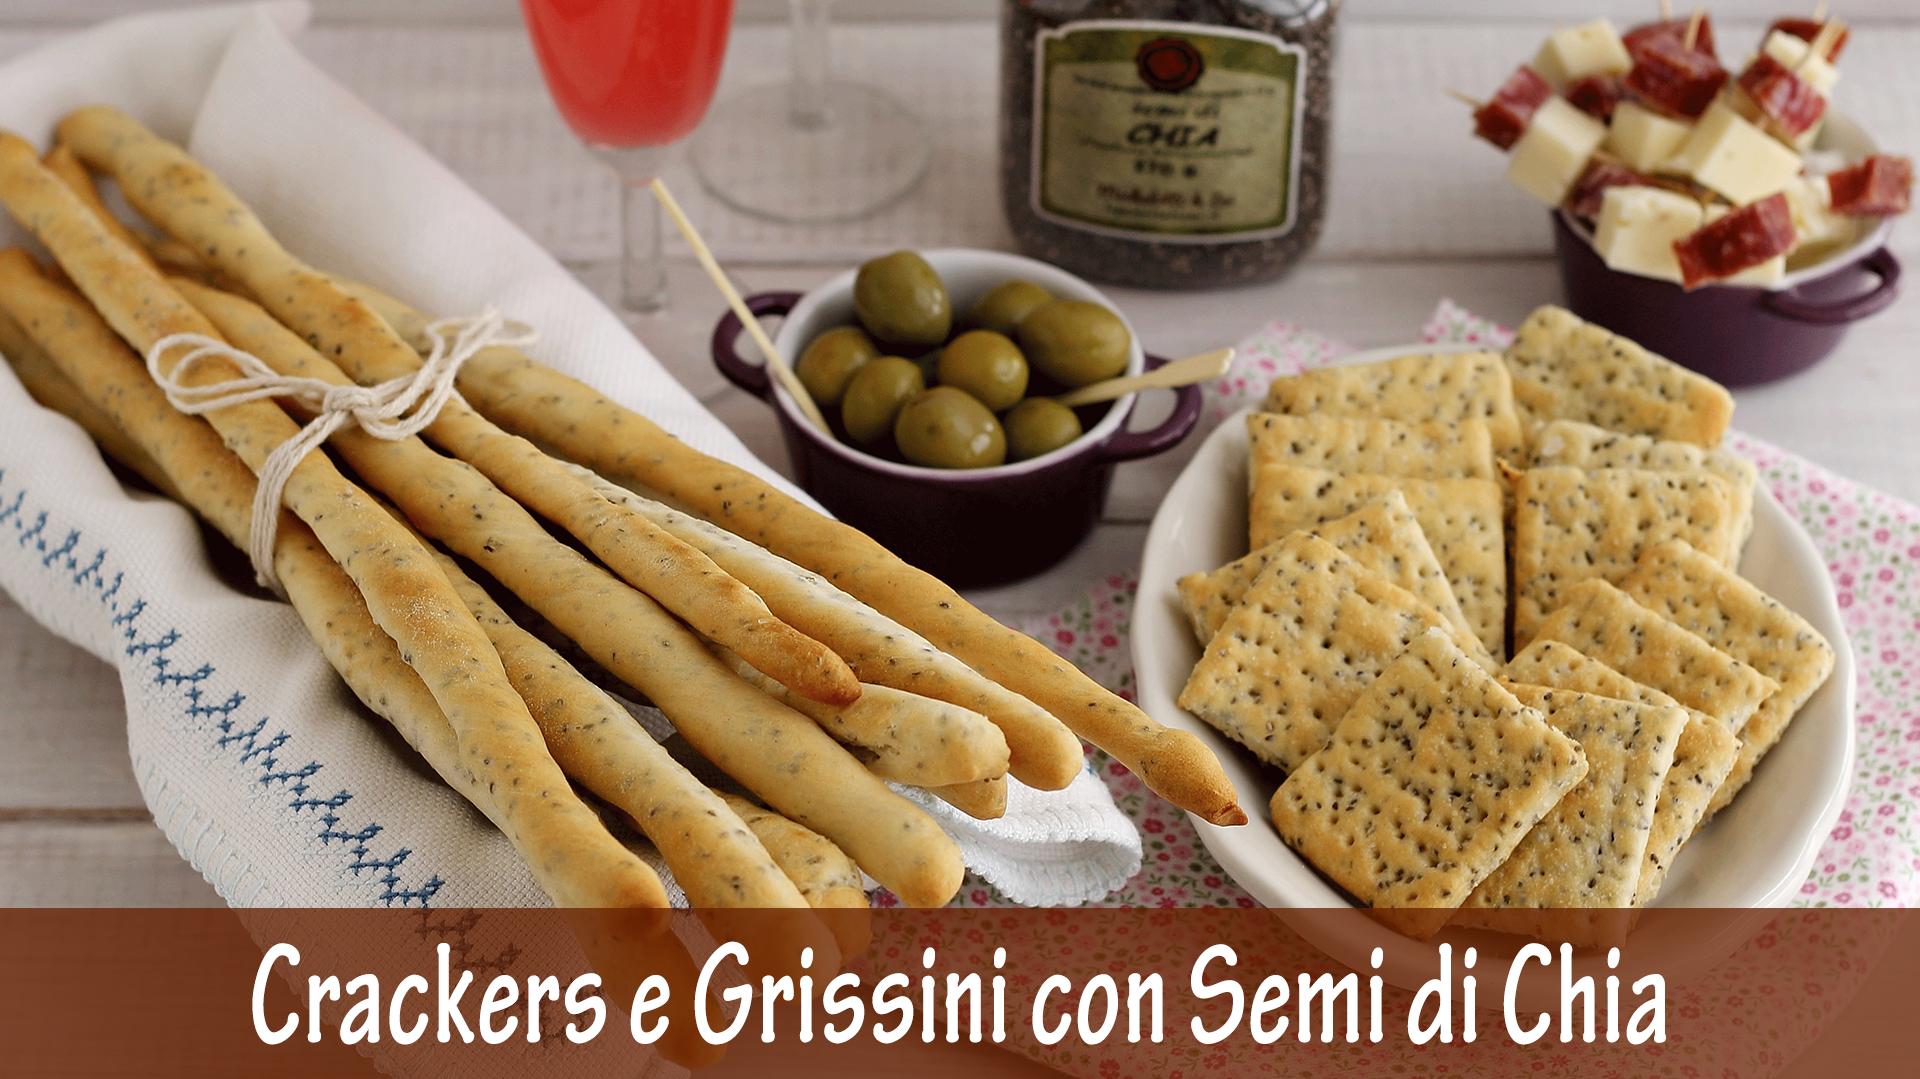 Crackers e grissini con Semi di Chia